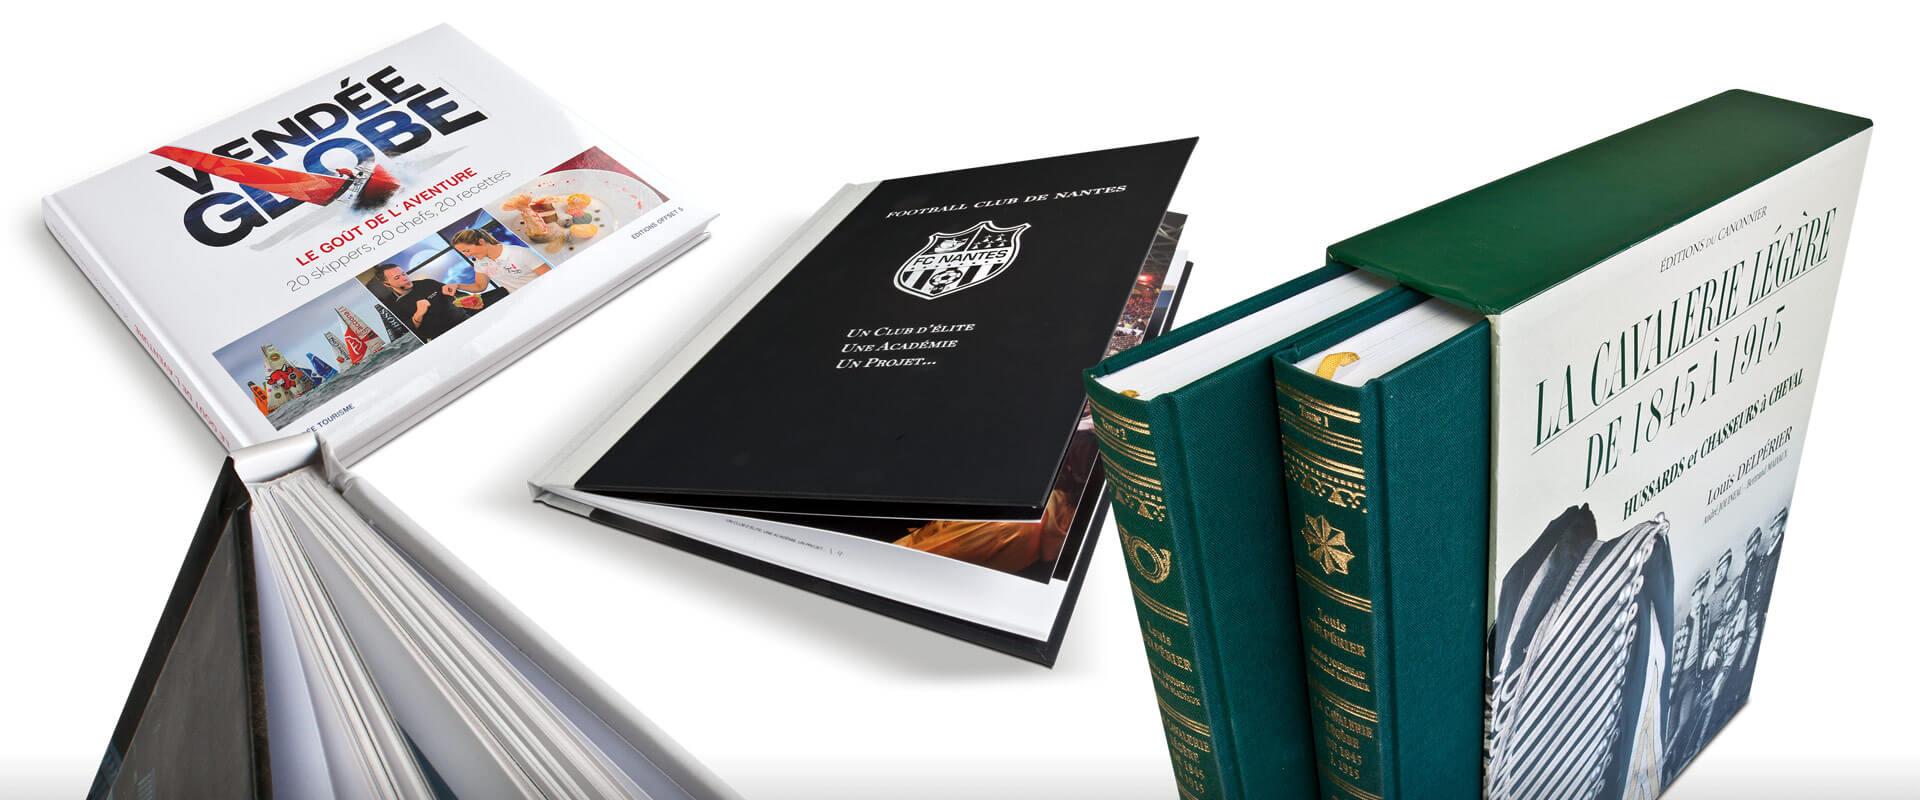 Imprimer un livre à compte d'auteur